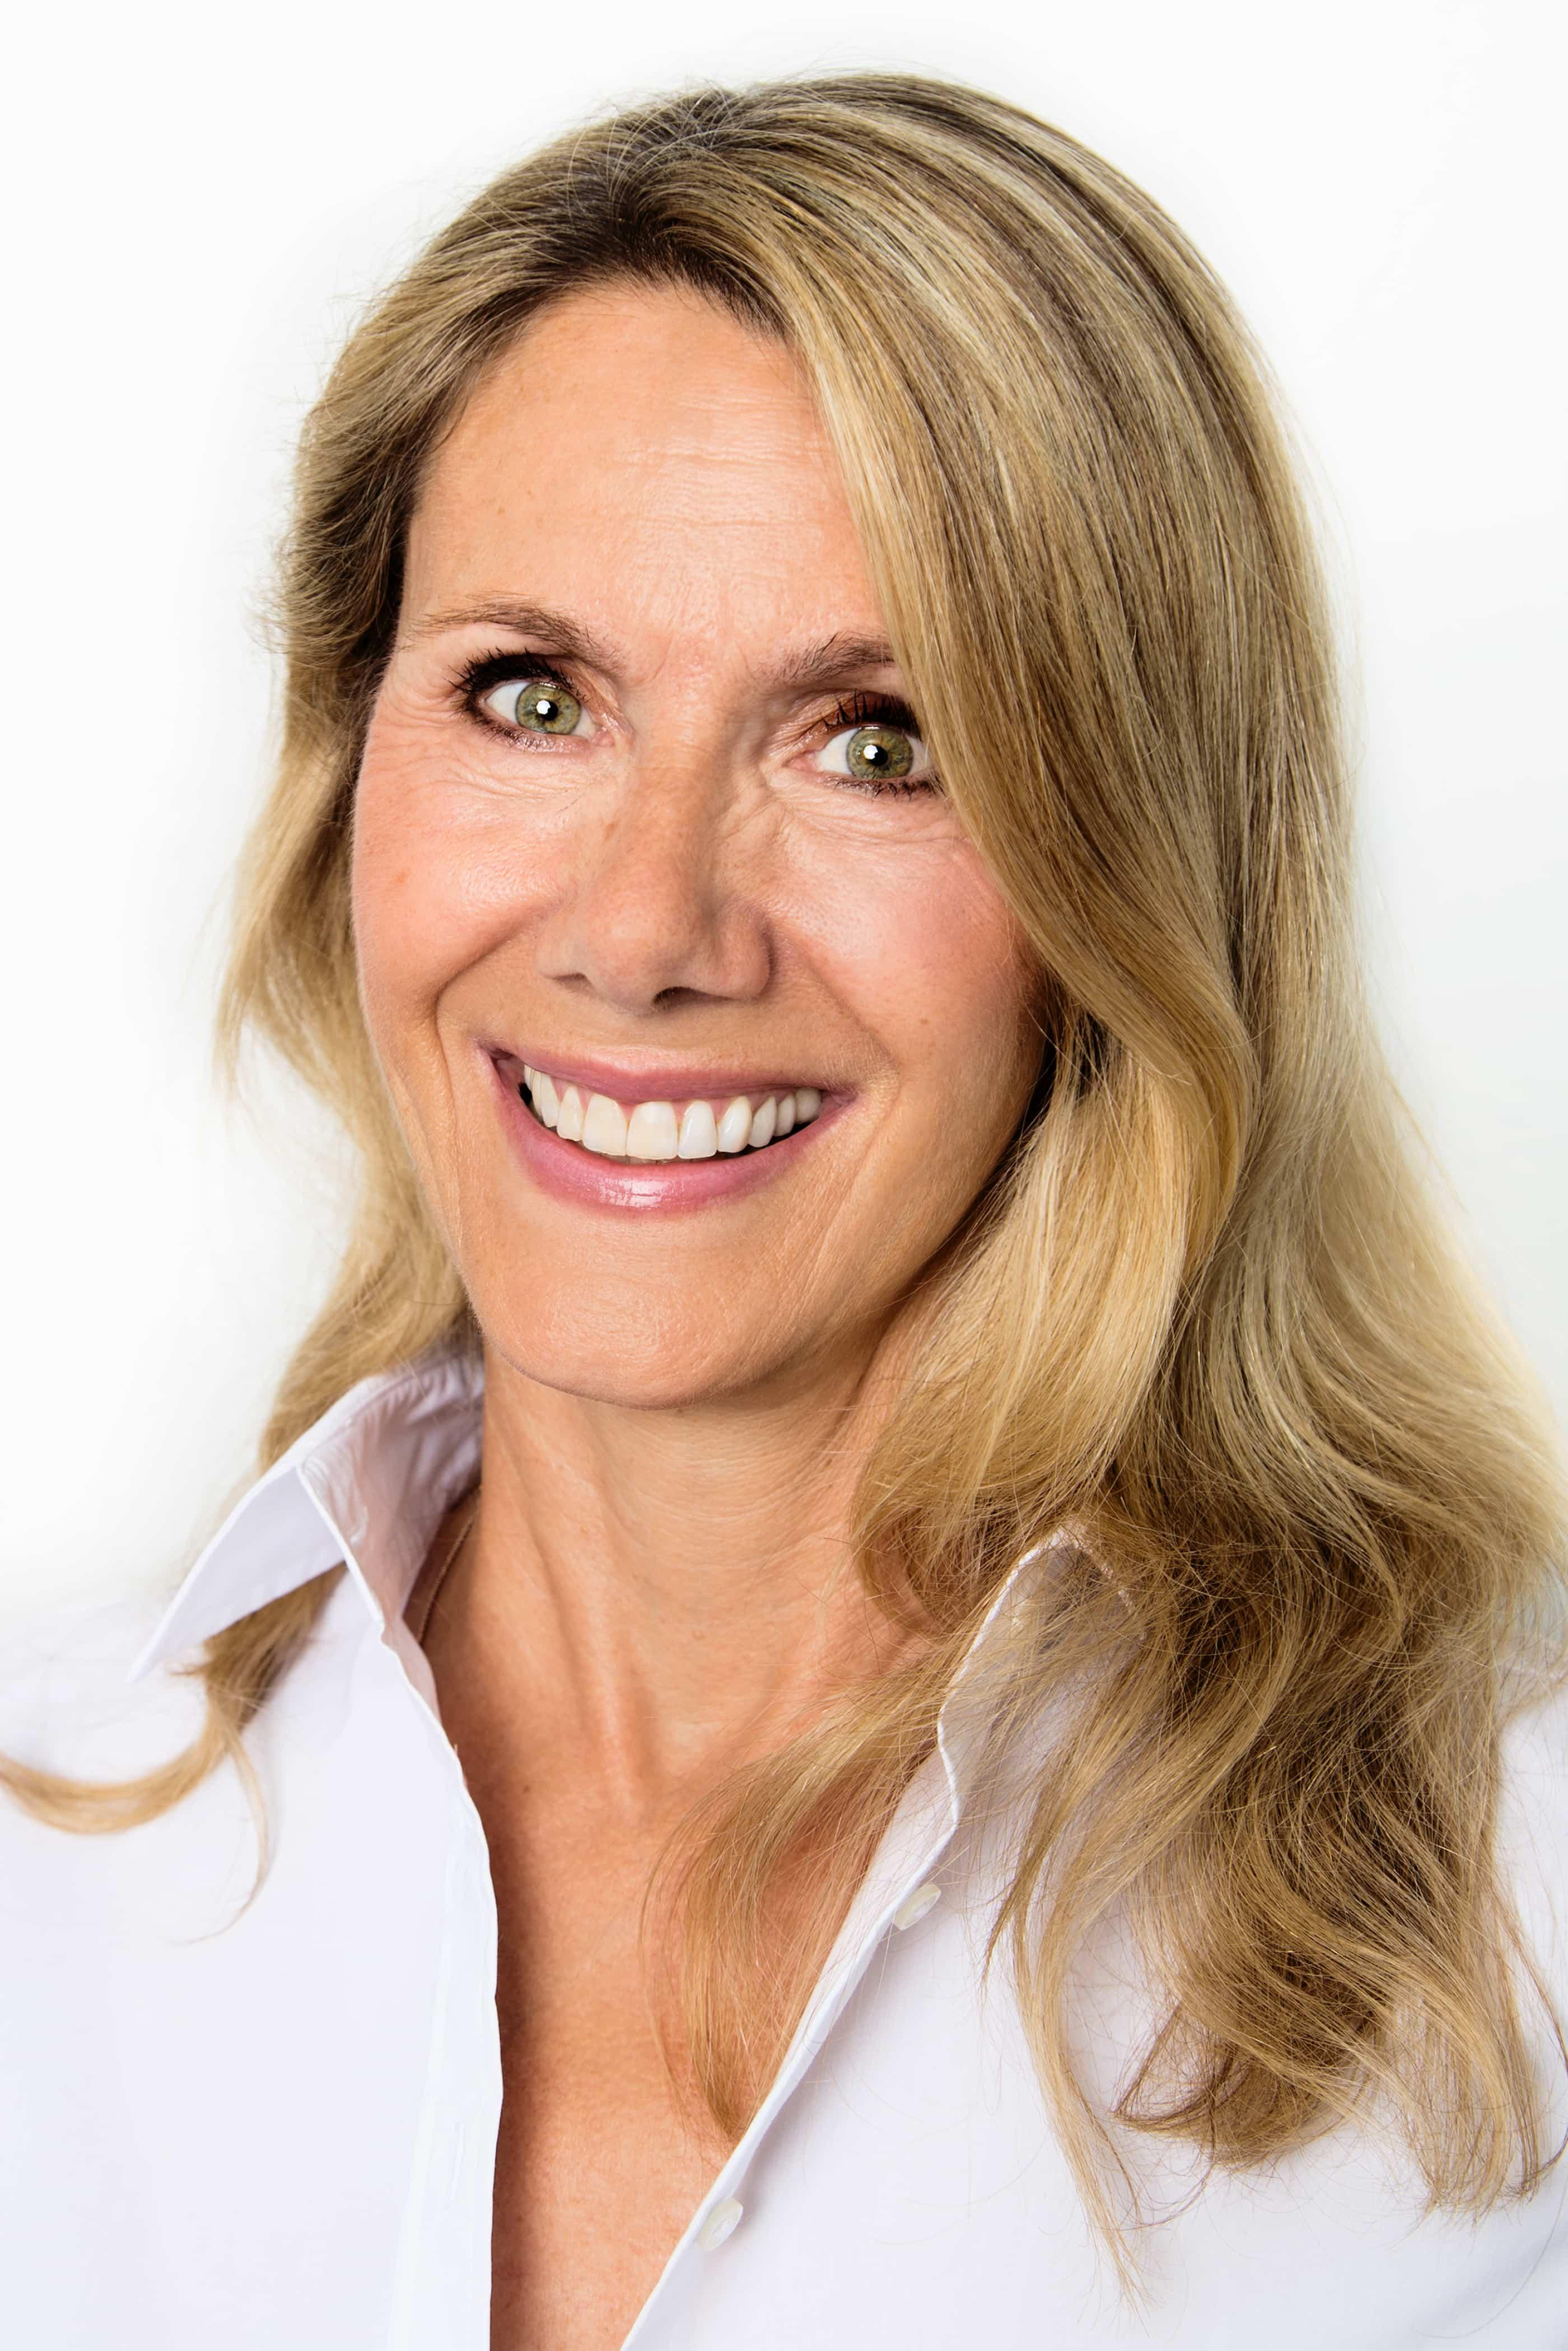 Sabrina Lindenberger